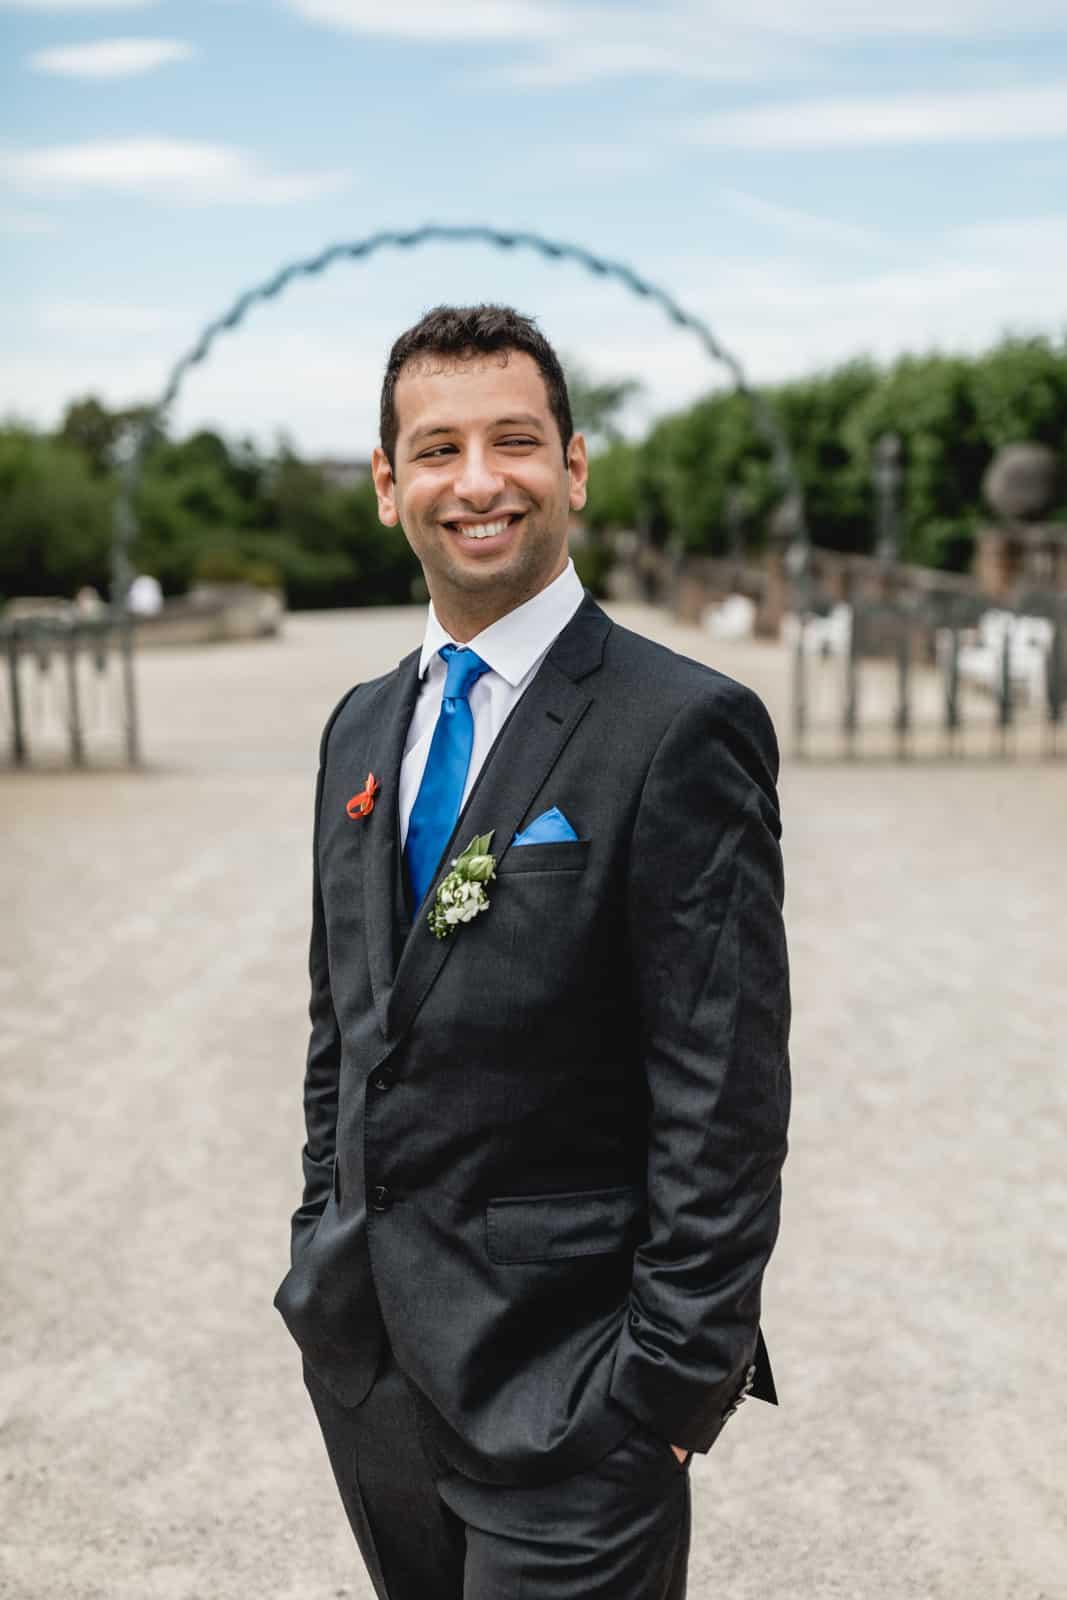 Bräutigam lacht und hat Hände ich den Taschen während seines Portraitshootings auf der Mathildenhöhe in Darmstadt